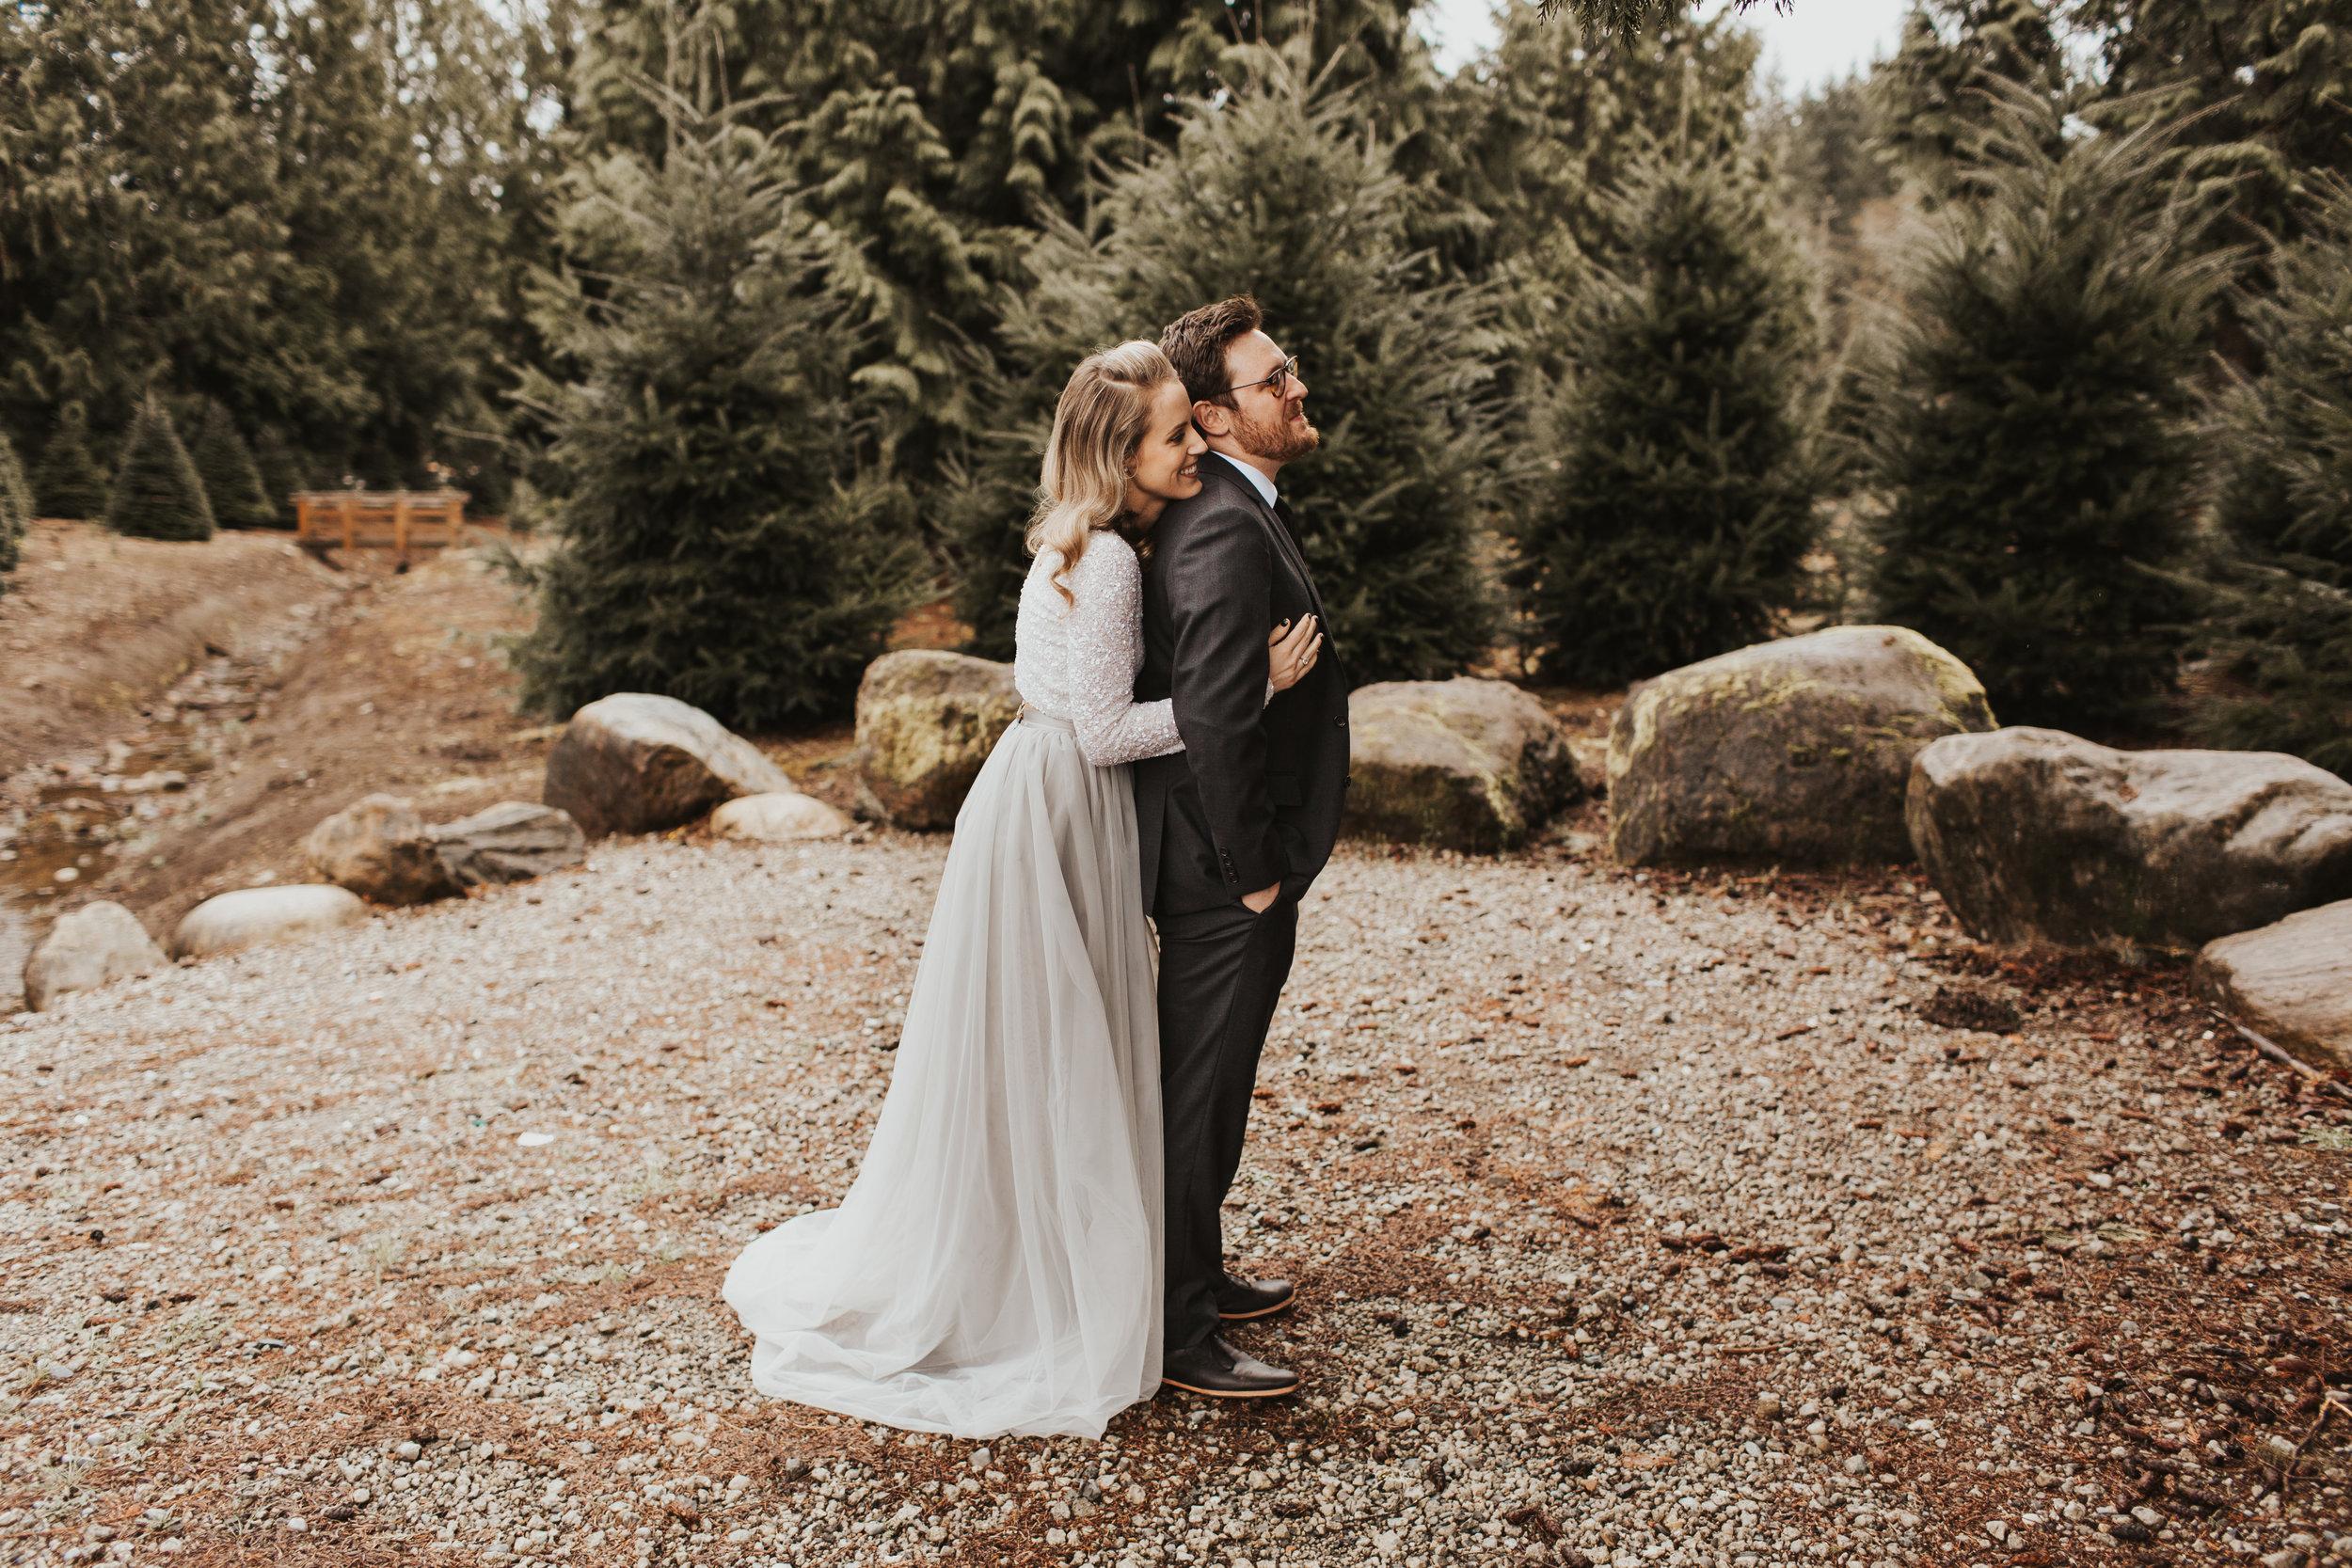 ginapaulson-courtnyandryan-wedding-59.jpg